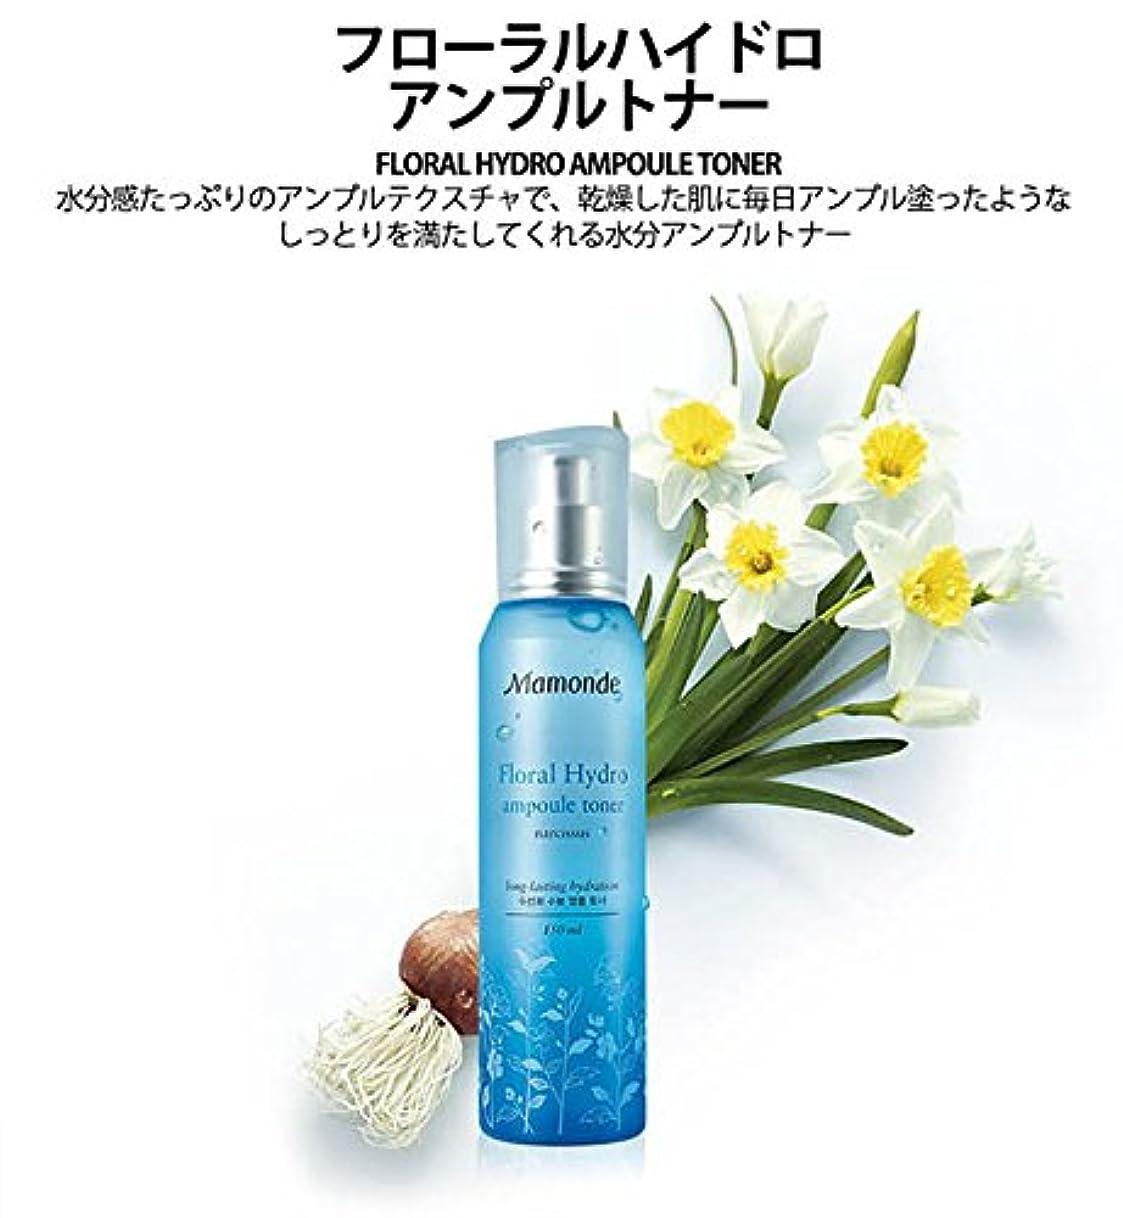 マティスどう?止まるMAMONDE/マモンド]Floral Hydro Ampoule Toner/フローラルハイドロアンプルトナー